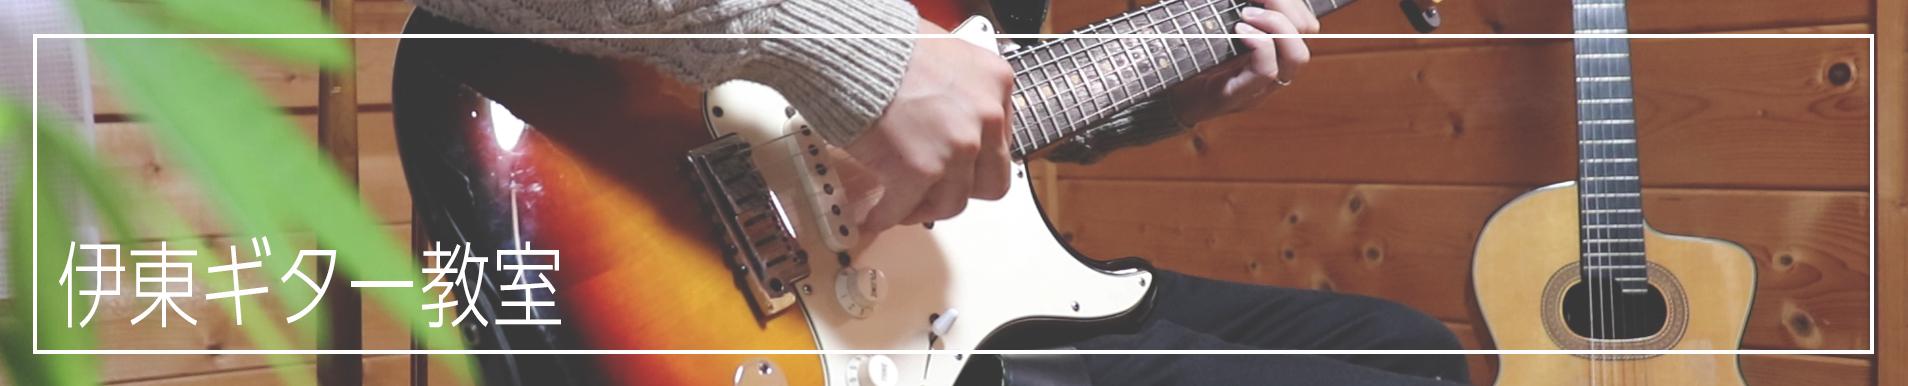 ギター教室のサムネイル